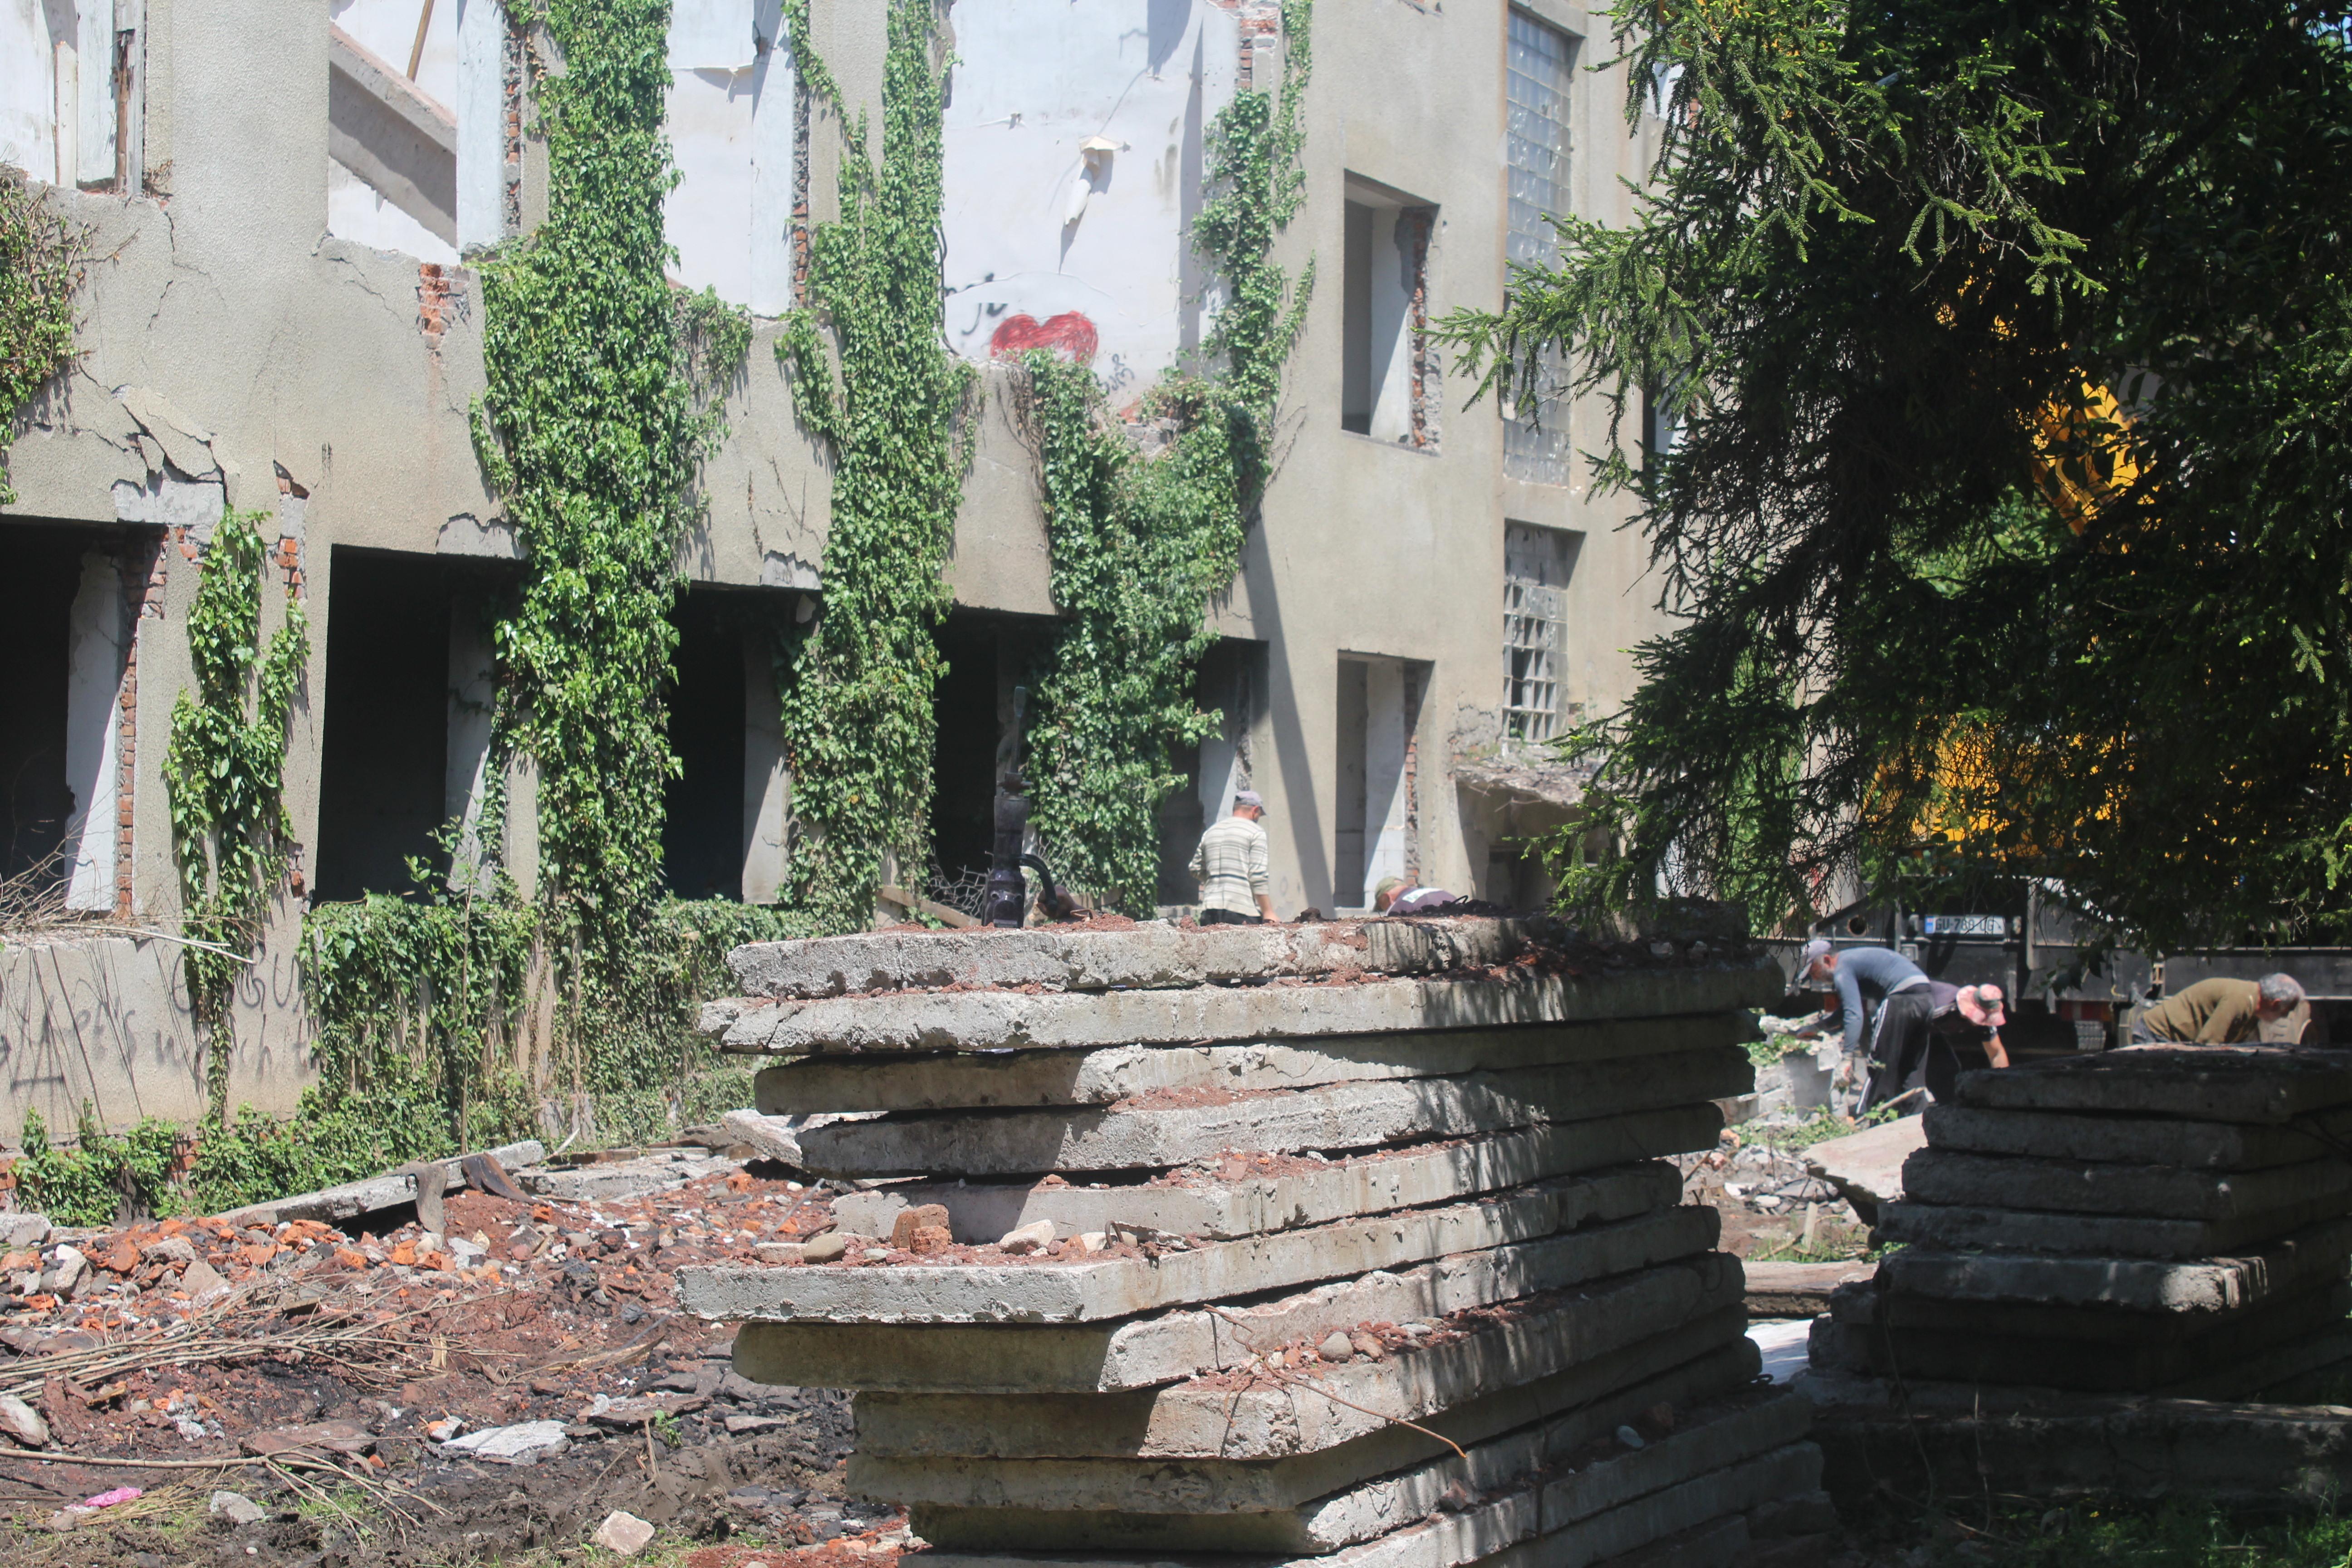 IMG 8026 — Chkhorotsku,Ge